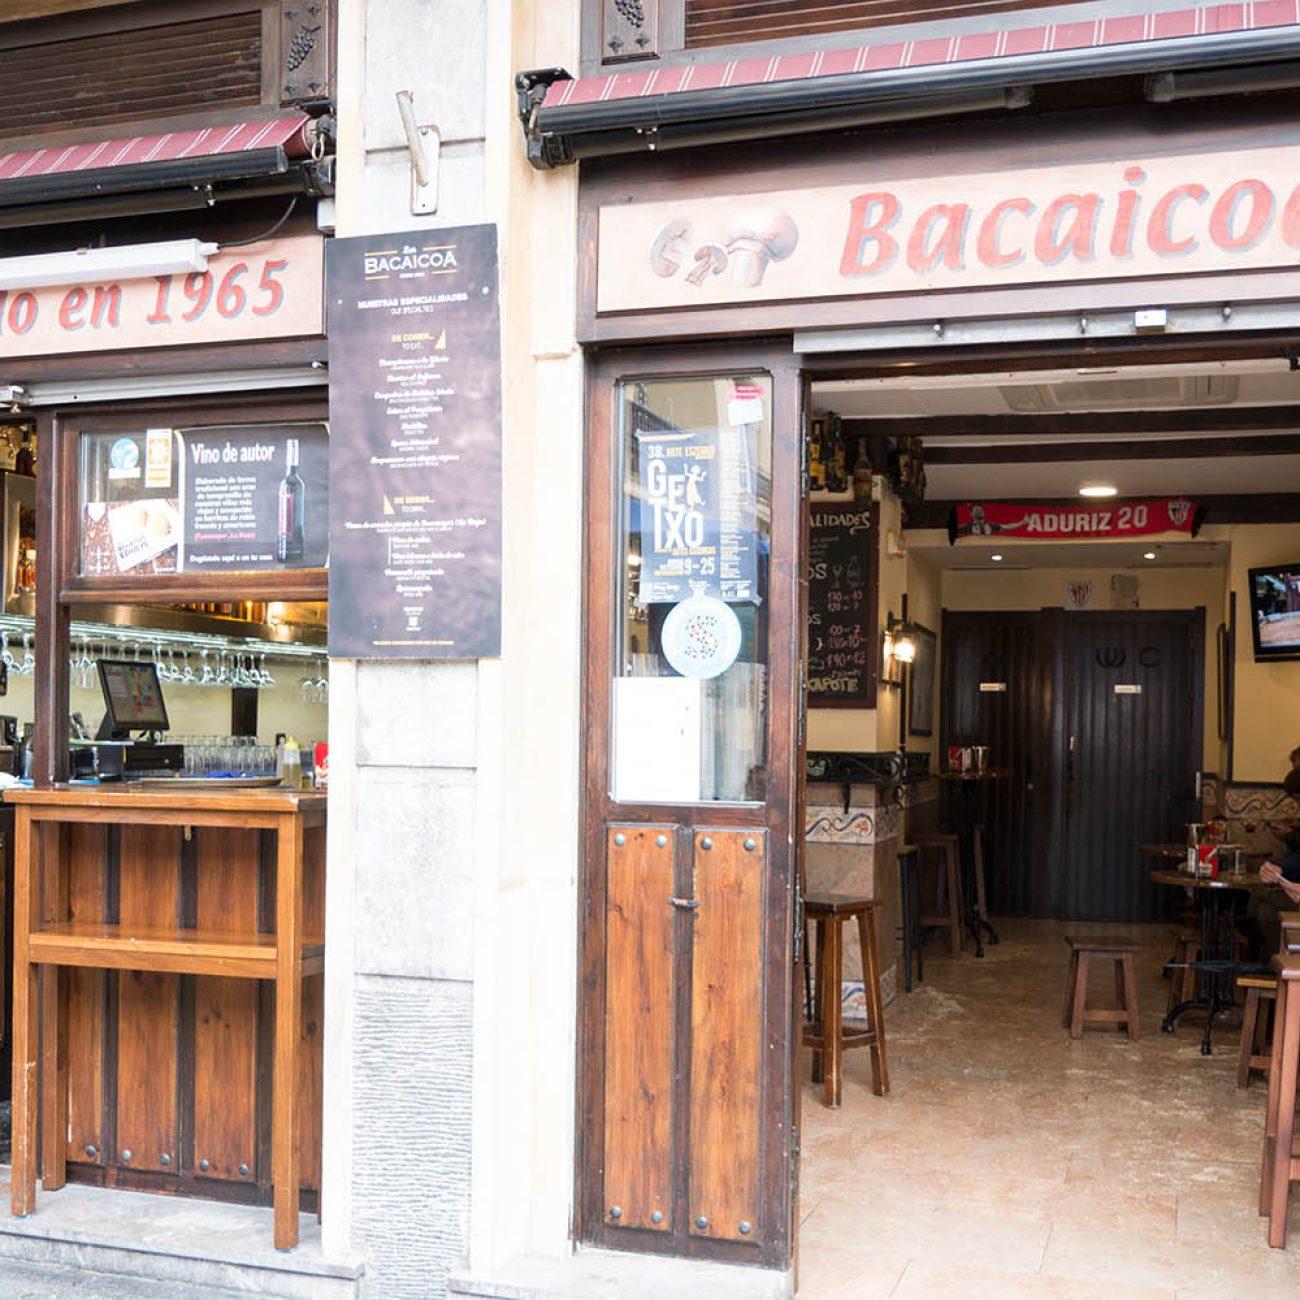 BAR BACAICOA